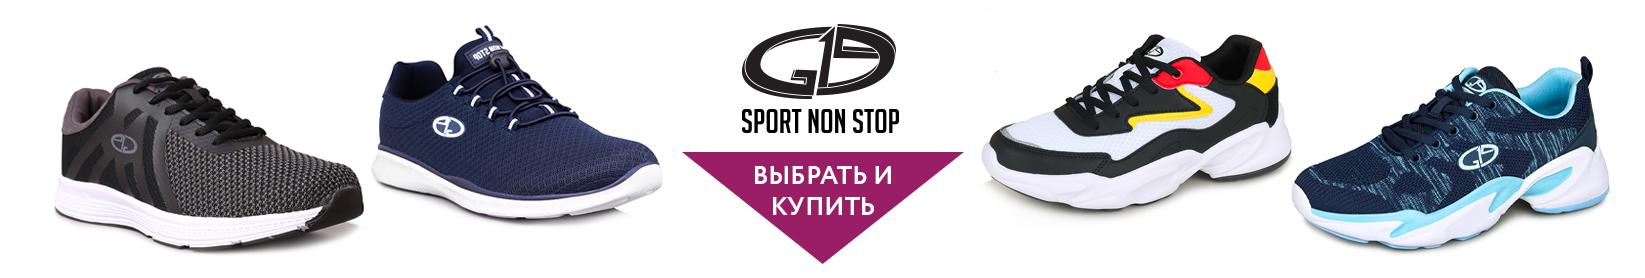 G19 Sport Non Stop